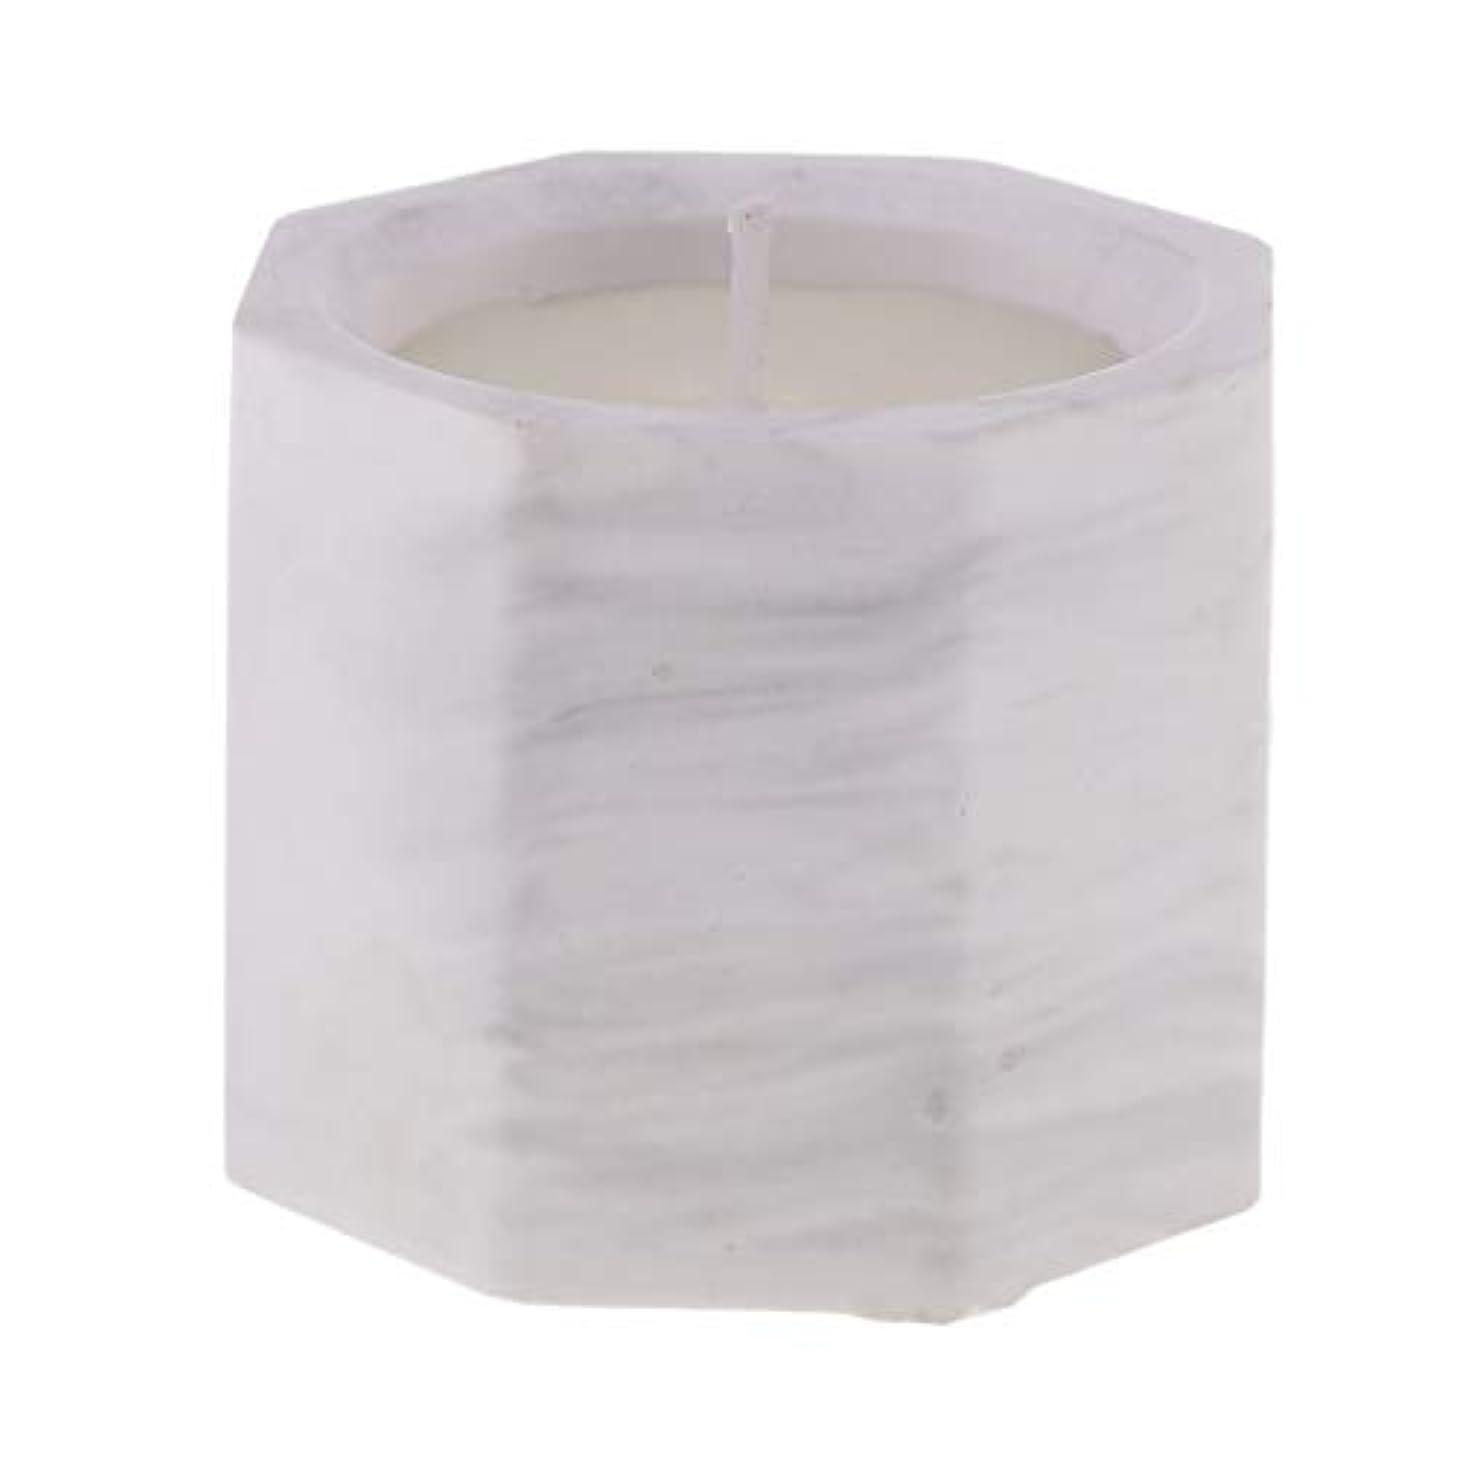 プレーヤー巻き取り安全でないアロマキャンドル オクタゴン形 香りキャンドル 友人用 誕生日用 家族用 約58mm